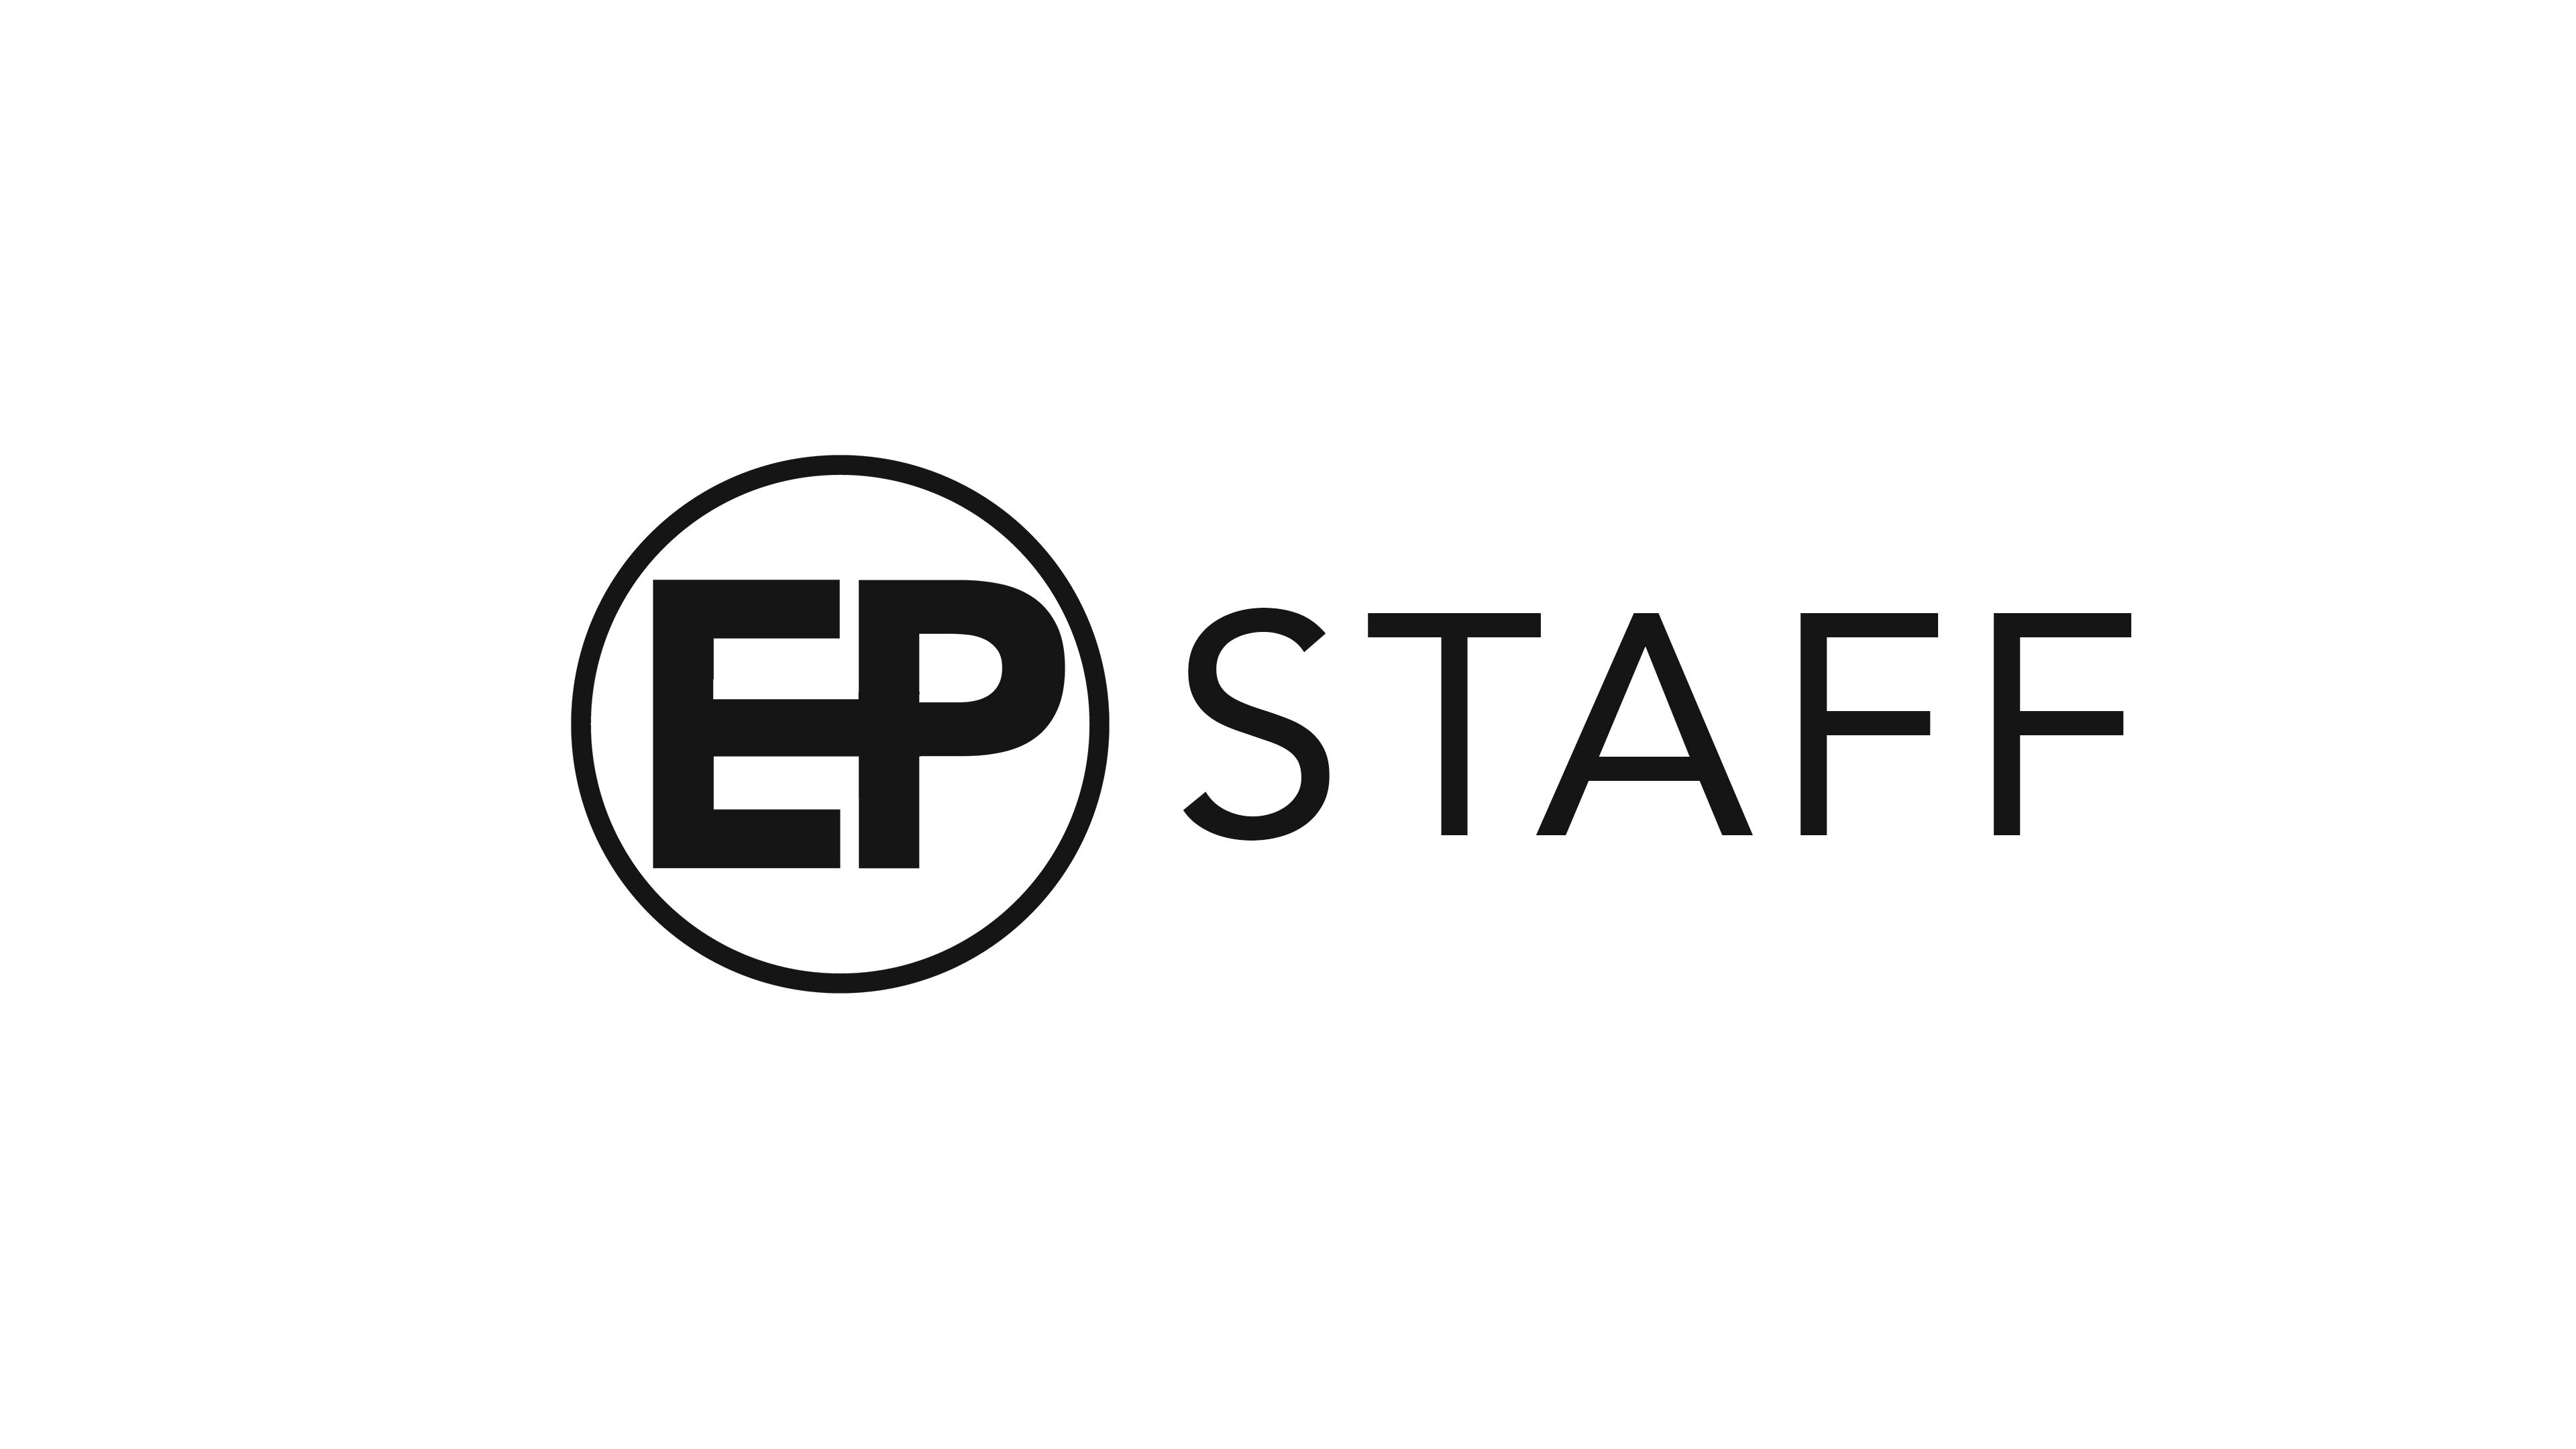 EPSTAFF